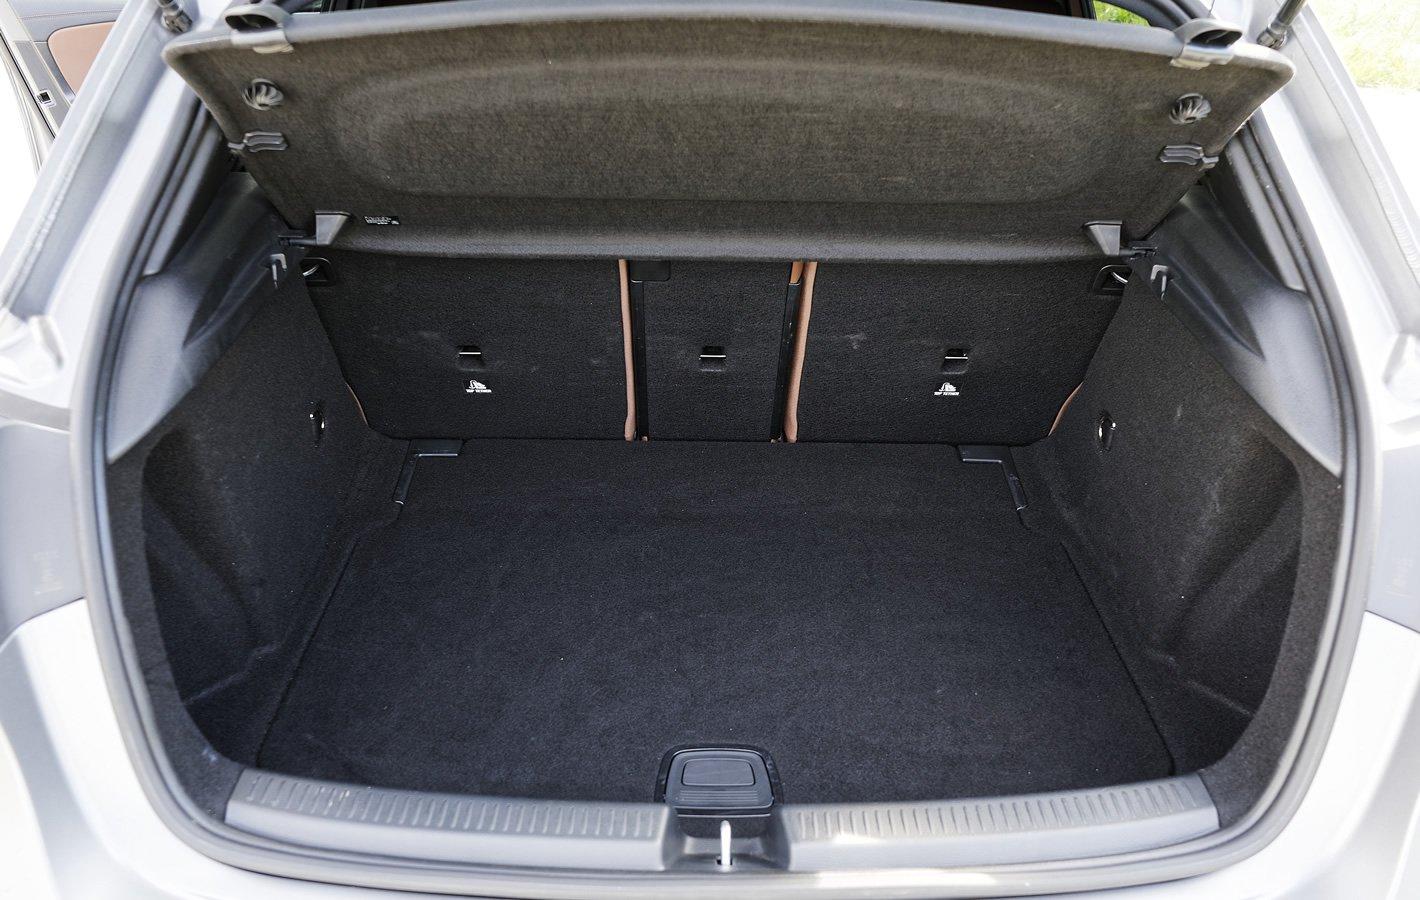 Mercedes-Benz Klasy A 200 - bagażnik